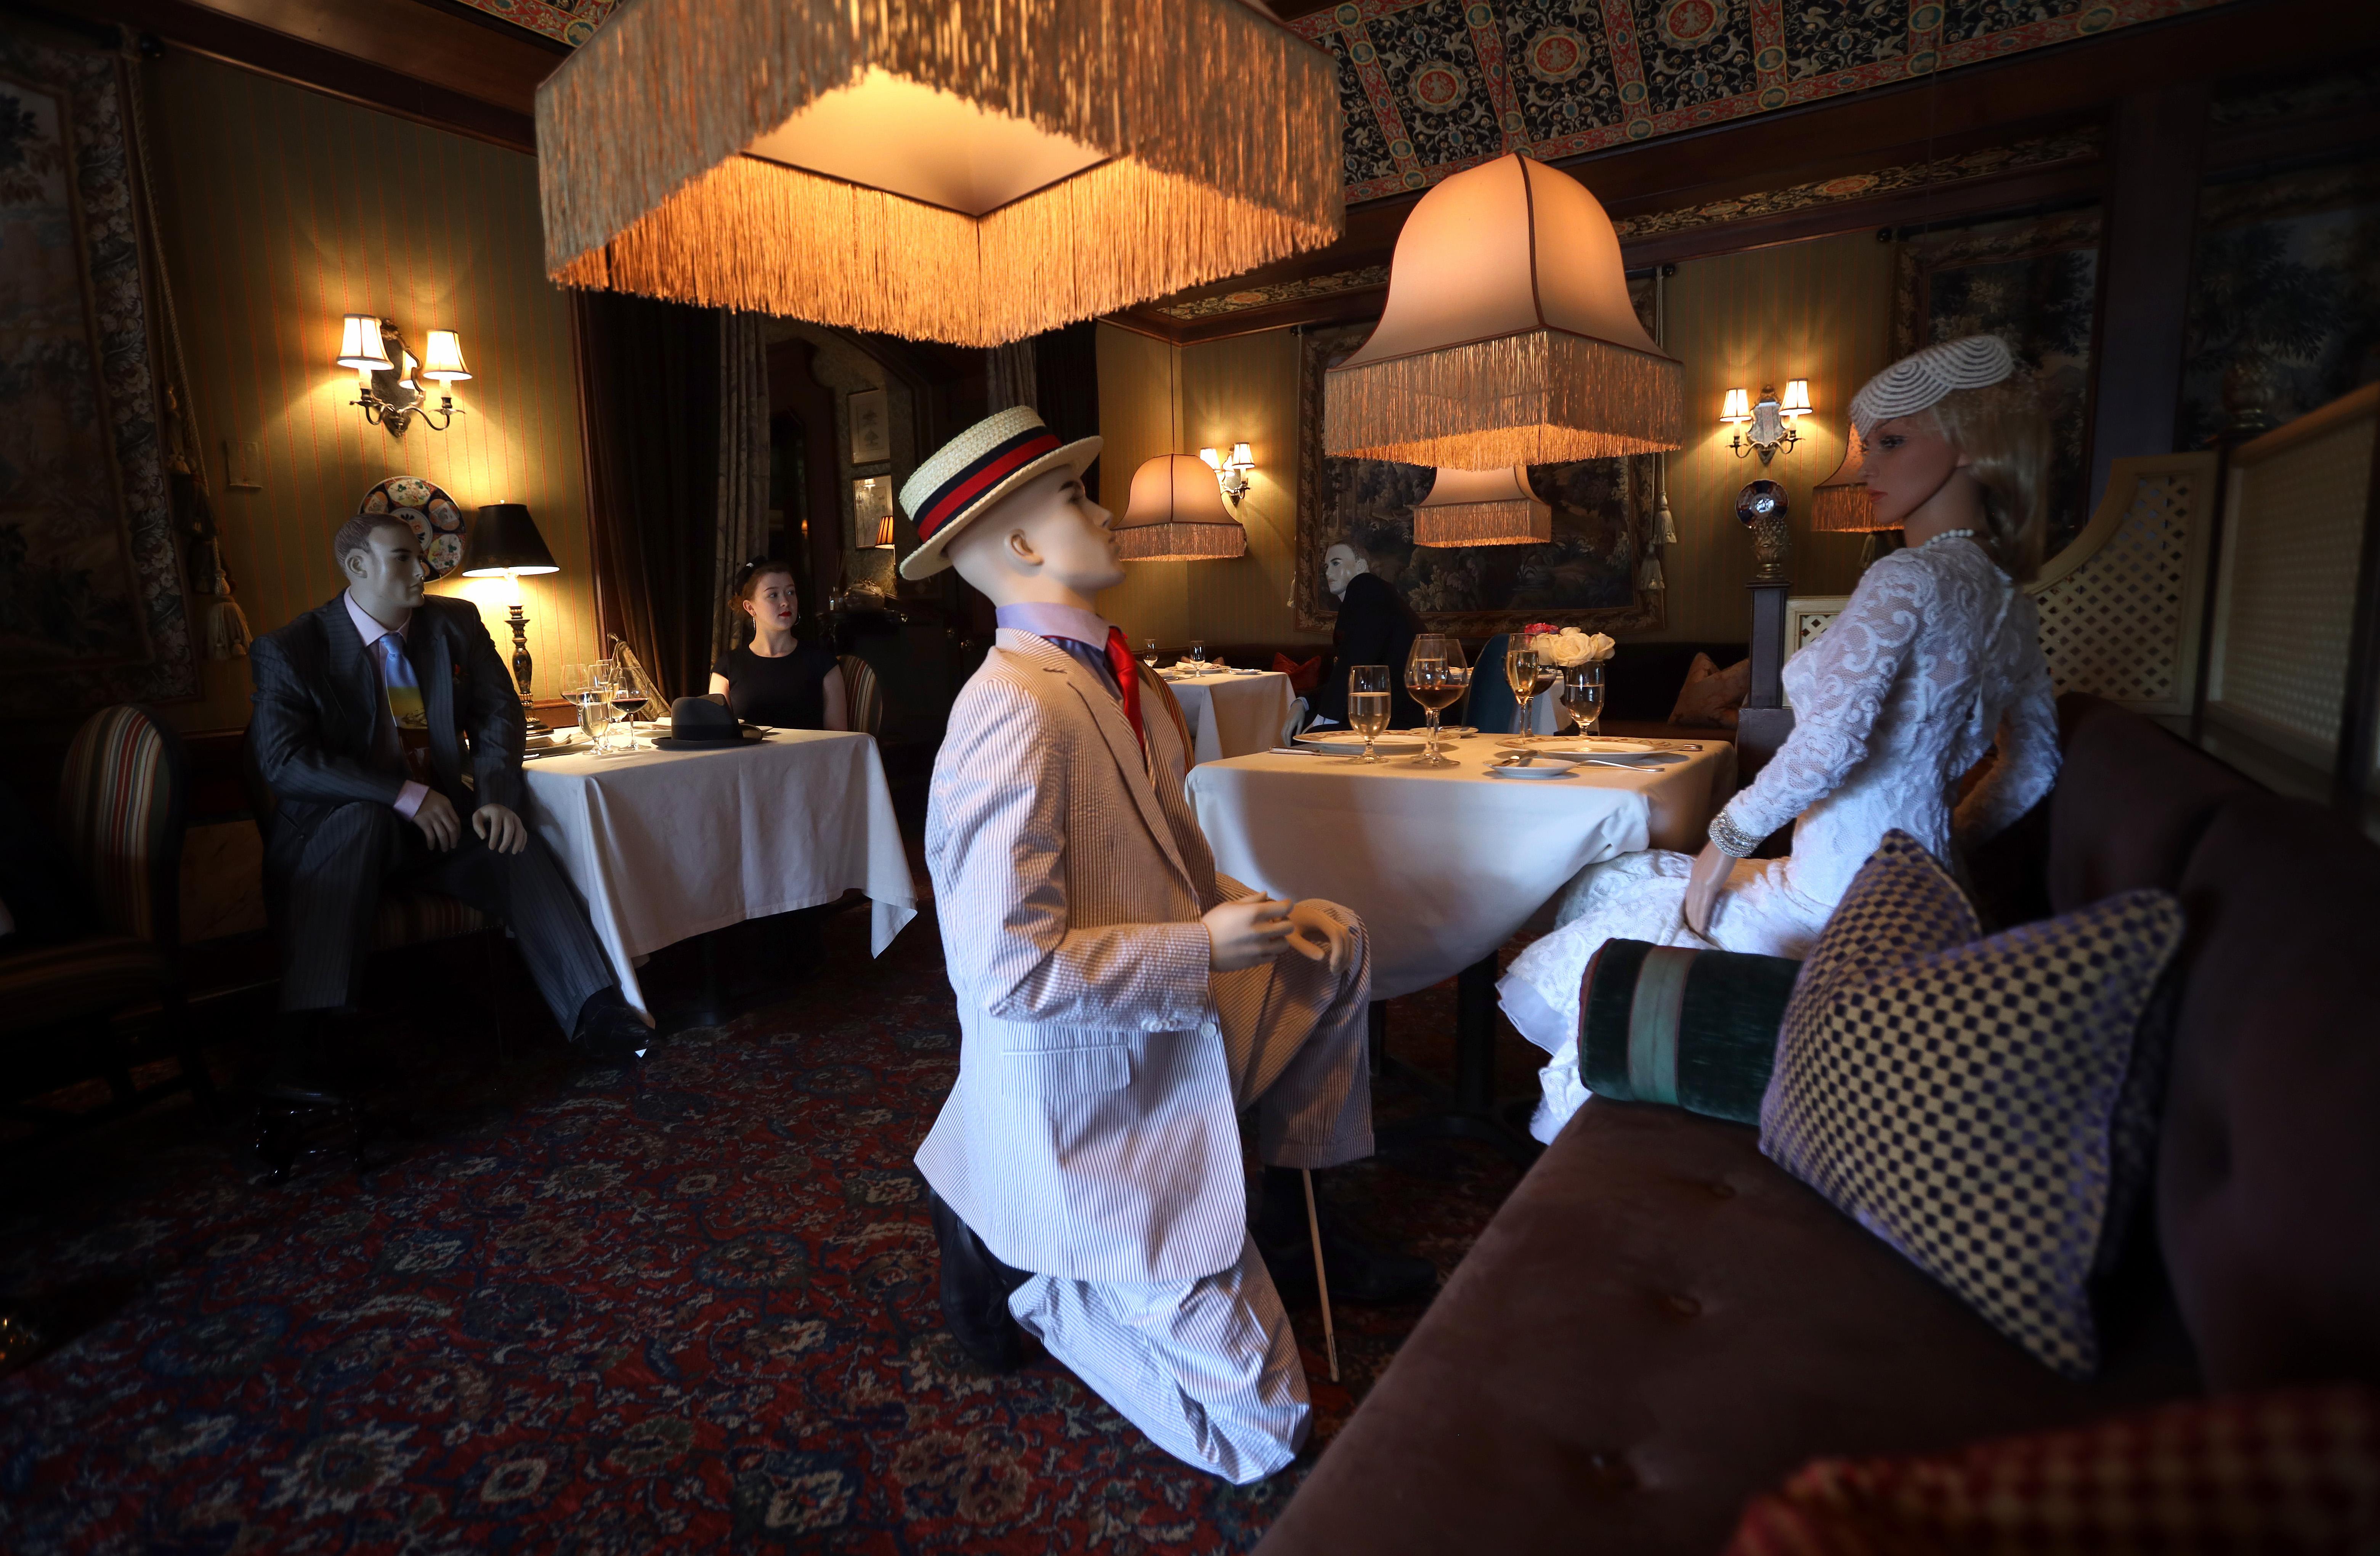 Próbababákat ültetnek a vendégek közé egy amerikai étteremben, hogy az emberek betartsák a távolságot